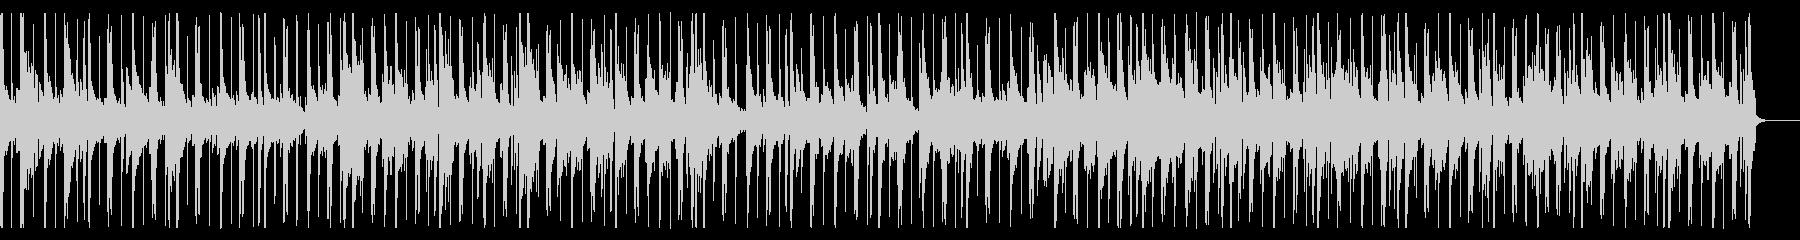 儚げ/R&B_No606_1の未再生の波形